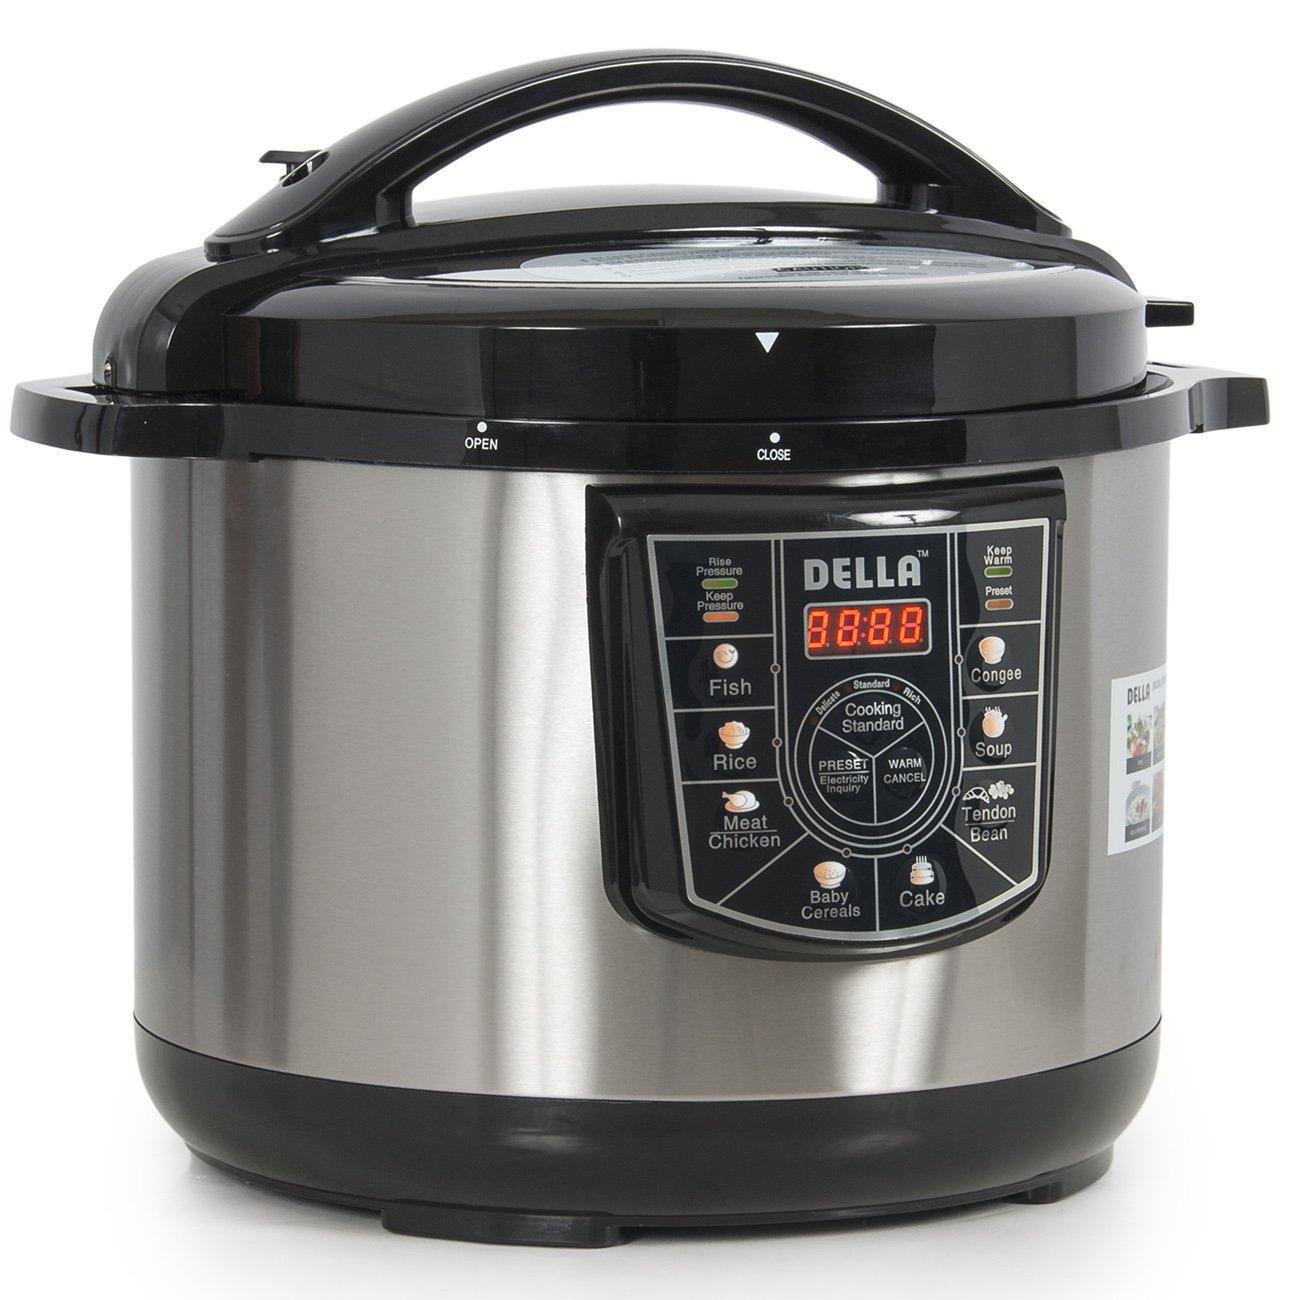 DELLA 048-GM-48237 10 quart 1400W 8-in-1 Programmable Electric Pressure Cooker, Silver, Small